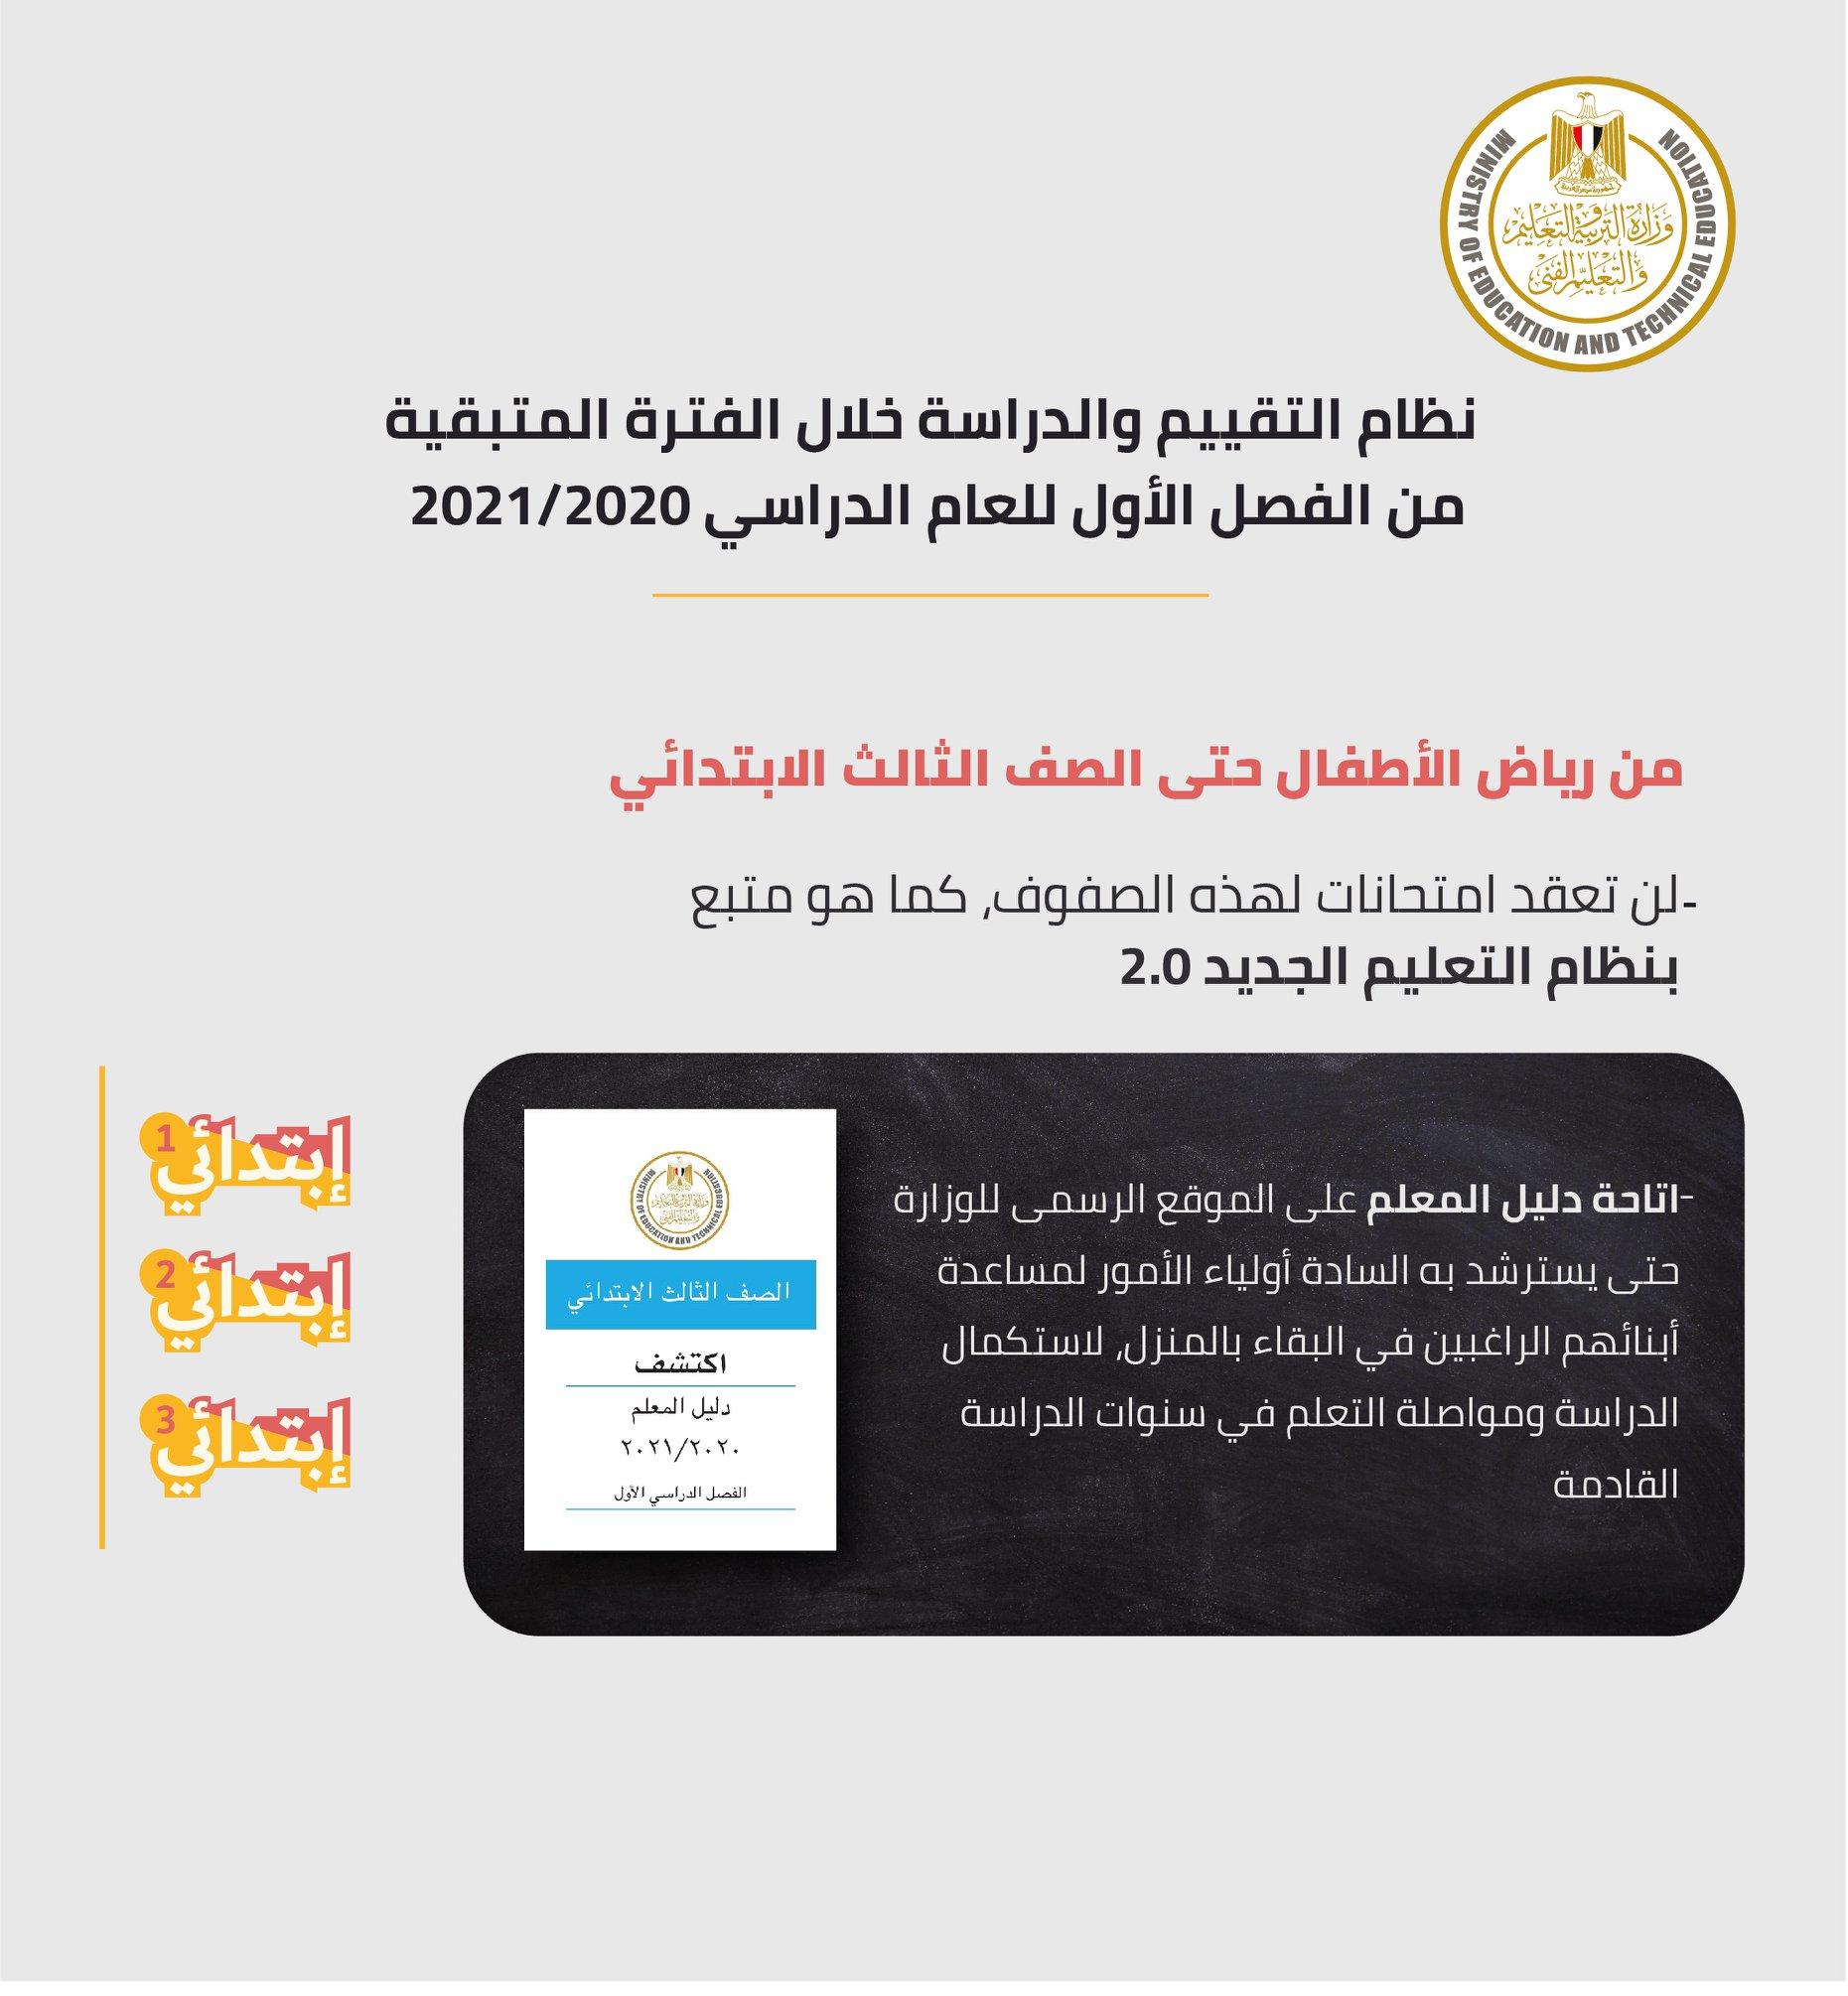 وزير التربية والتعليم يصدر 10 قرارات جديدة لاستكمال الدراسة وموعد جديد لبدء امتحانات سنوات النقل 3